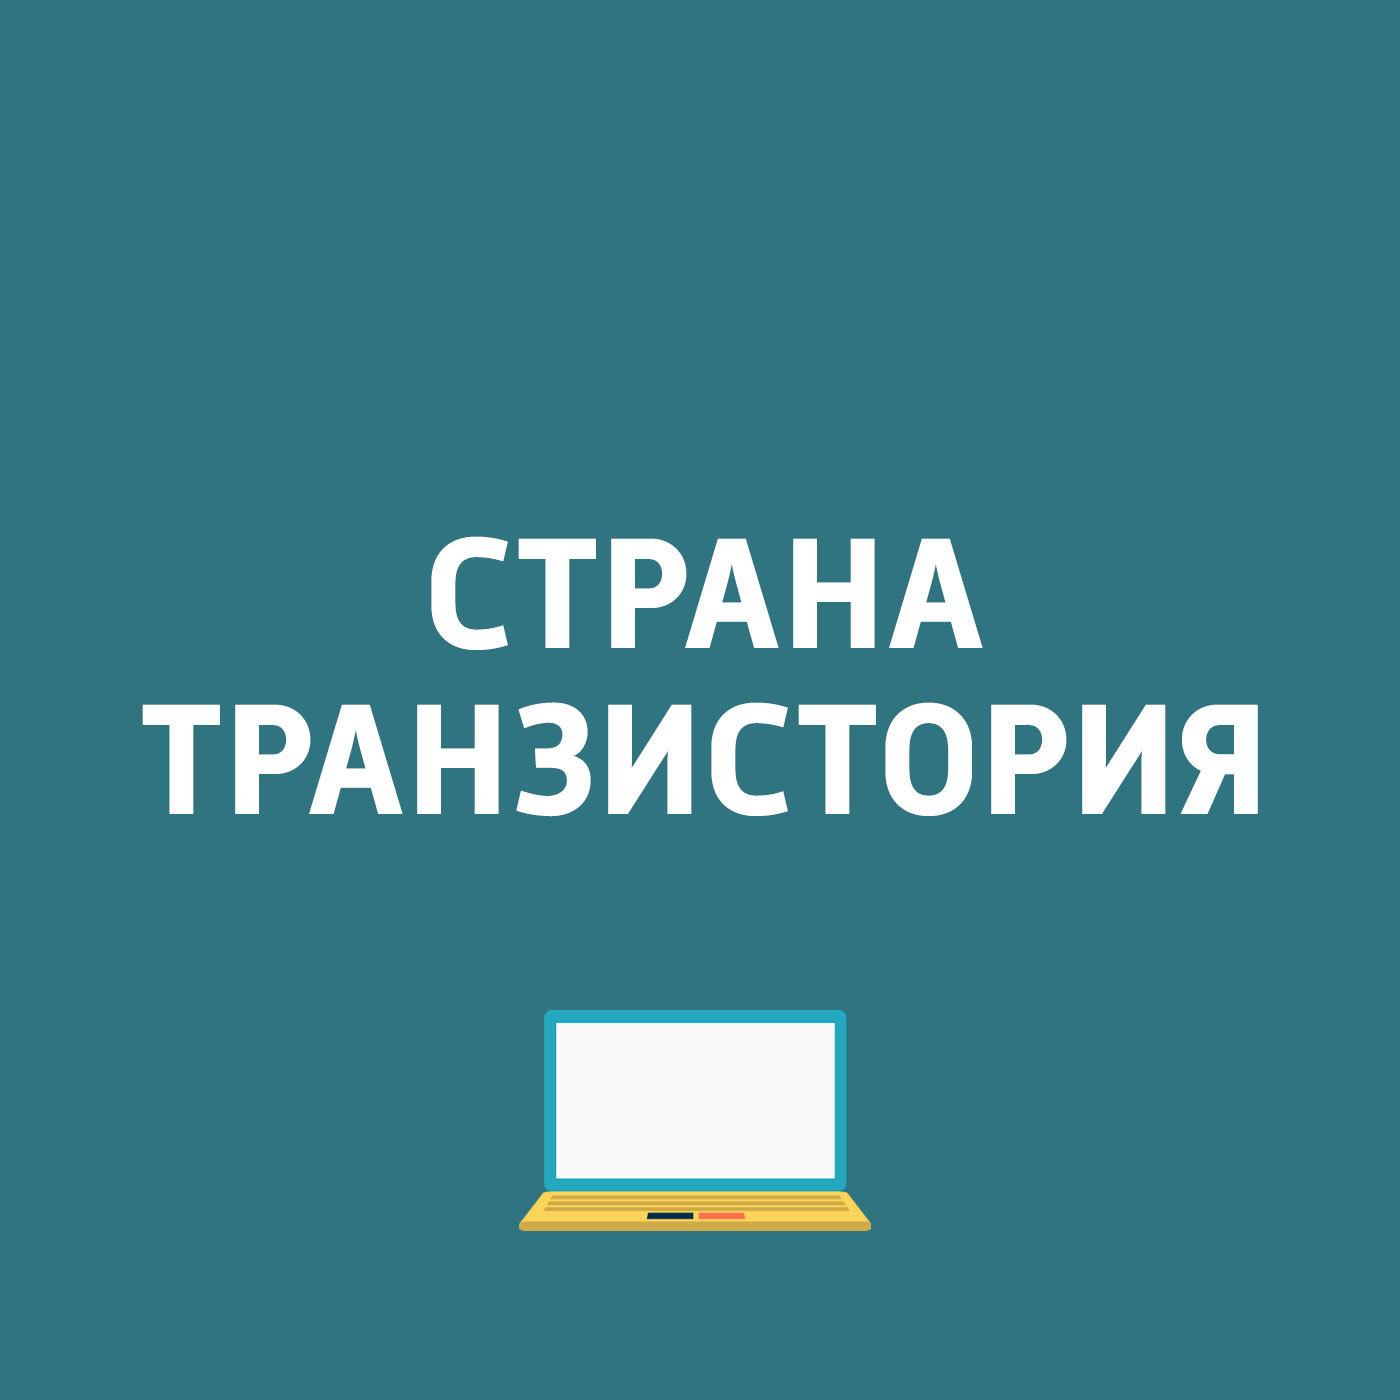 Страна Транзистория: Яндекс.Переводчик освоил сленг